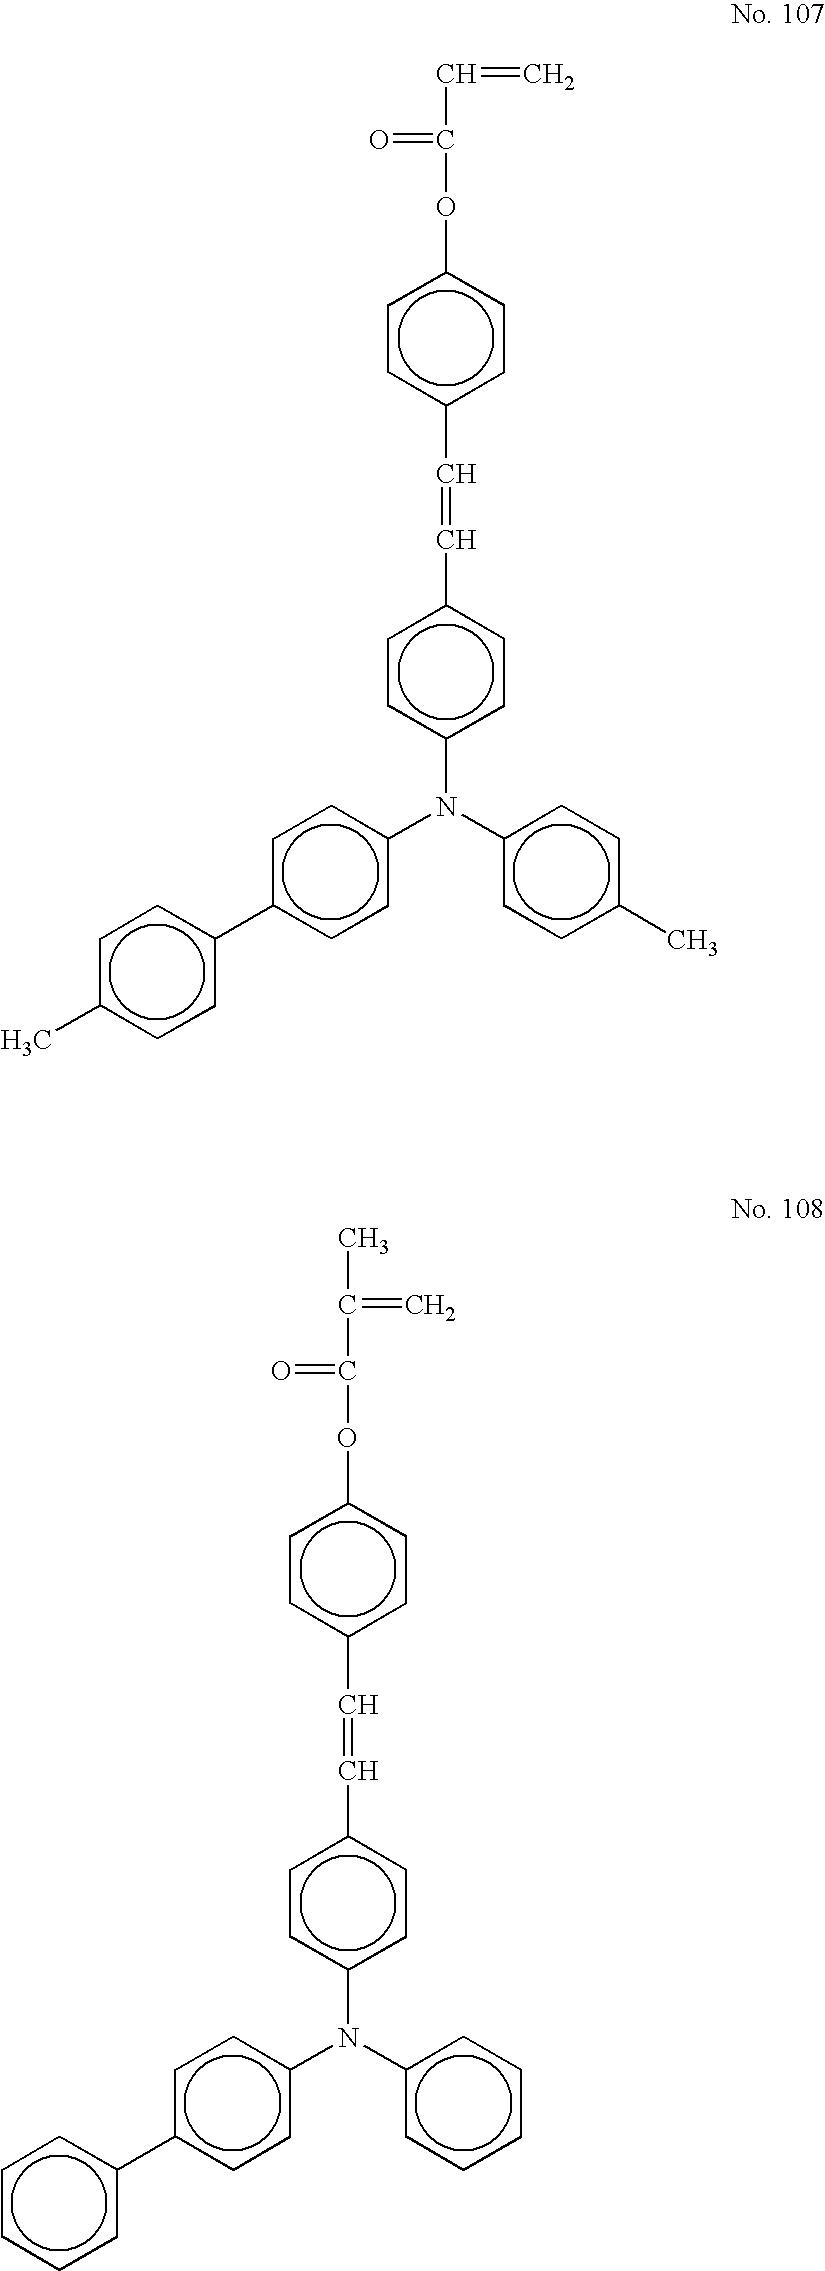 Figure US07175957-20070213-C00048